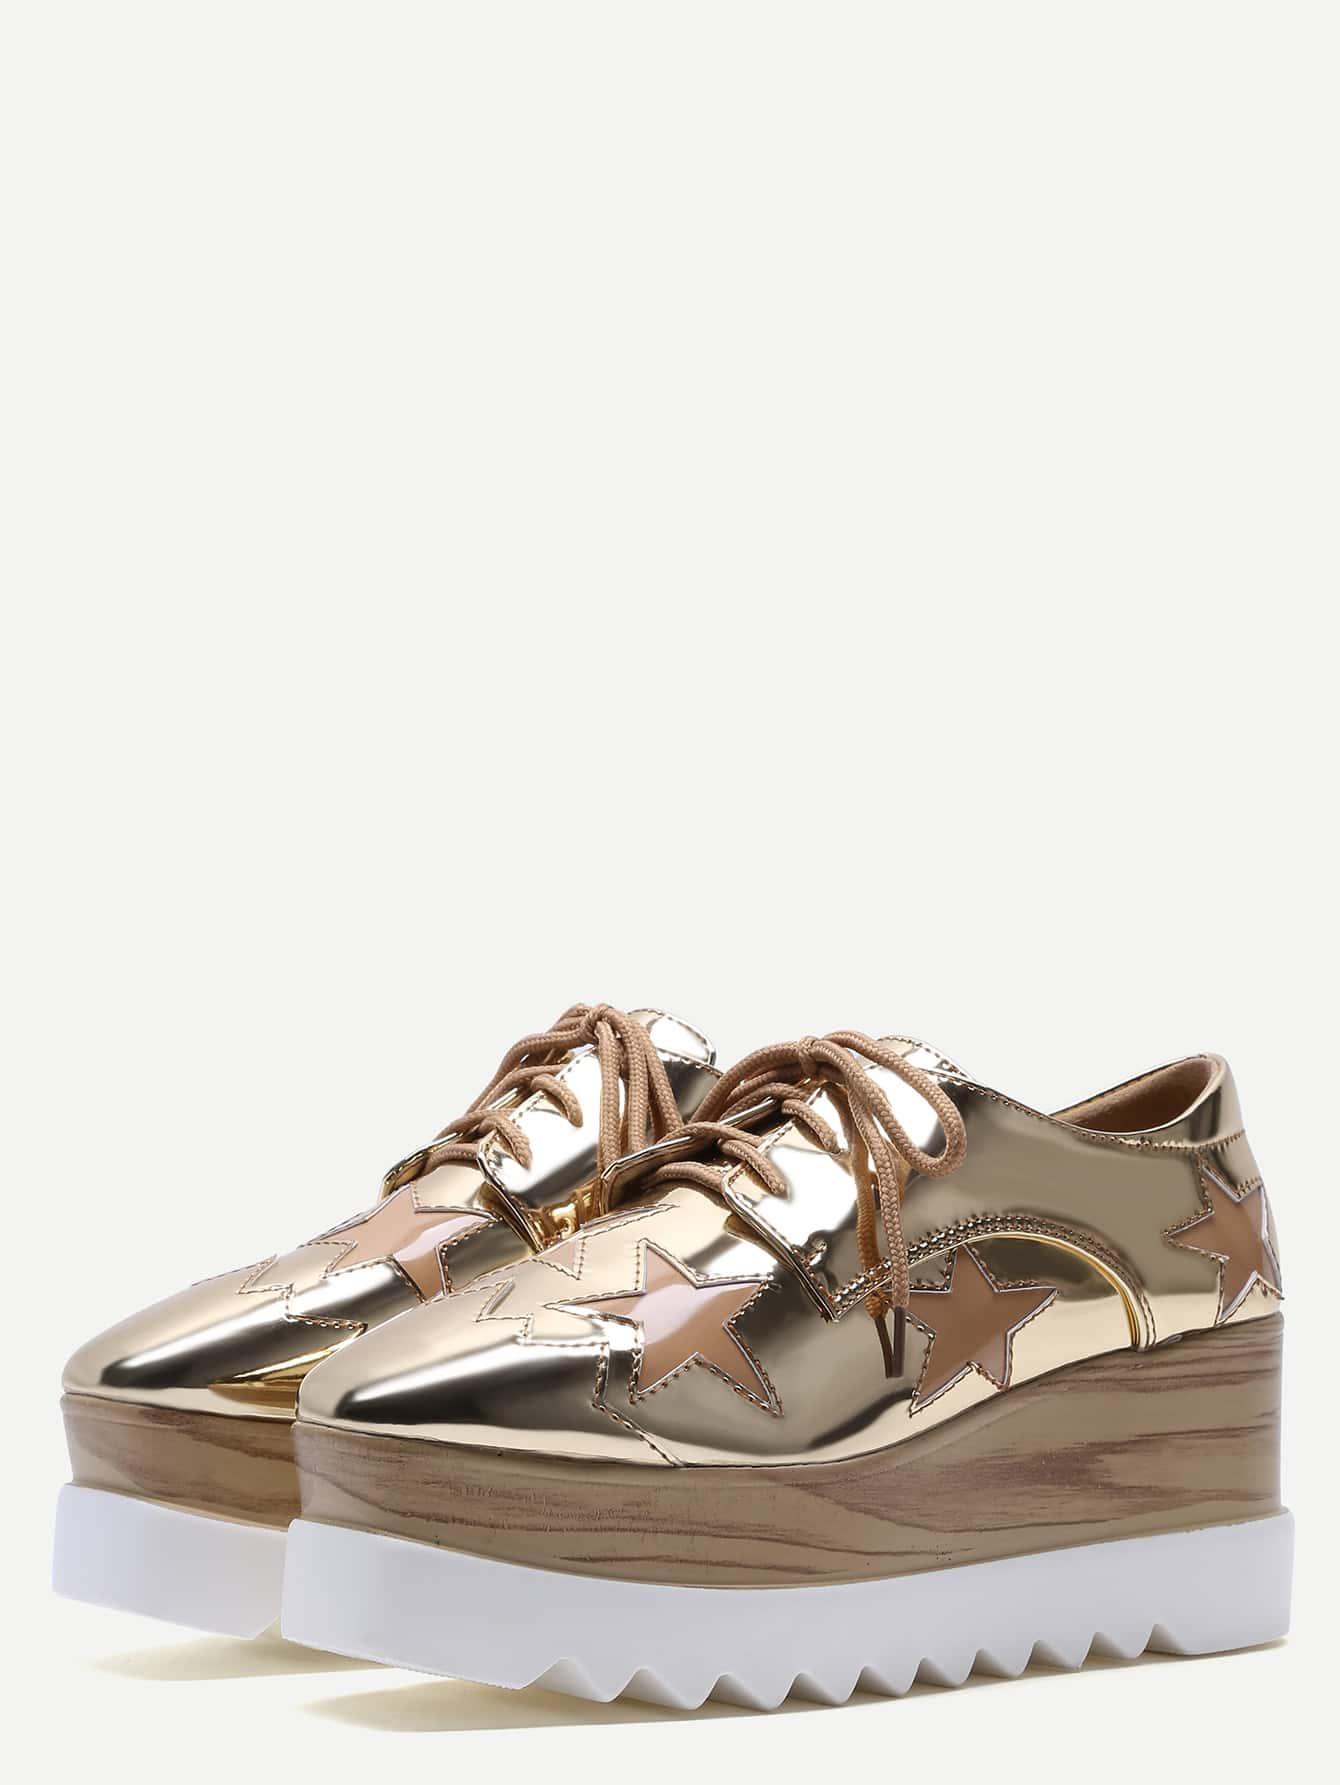 shoes161209805_2